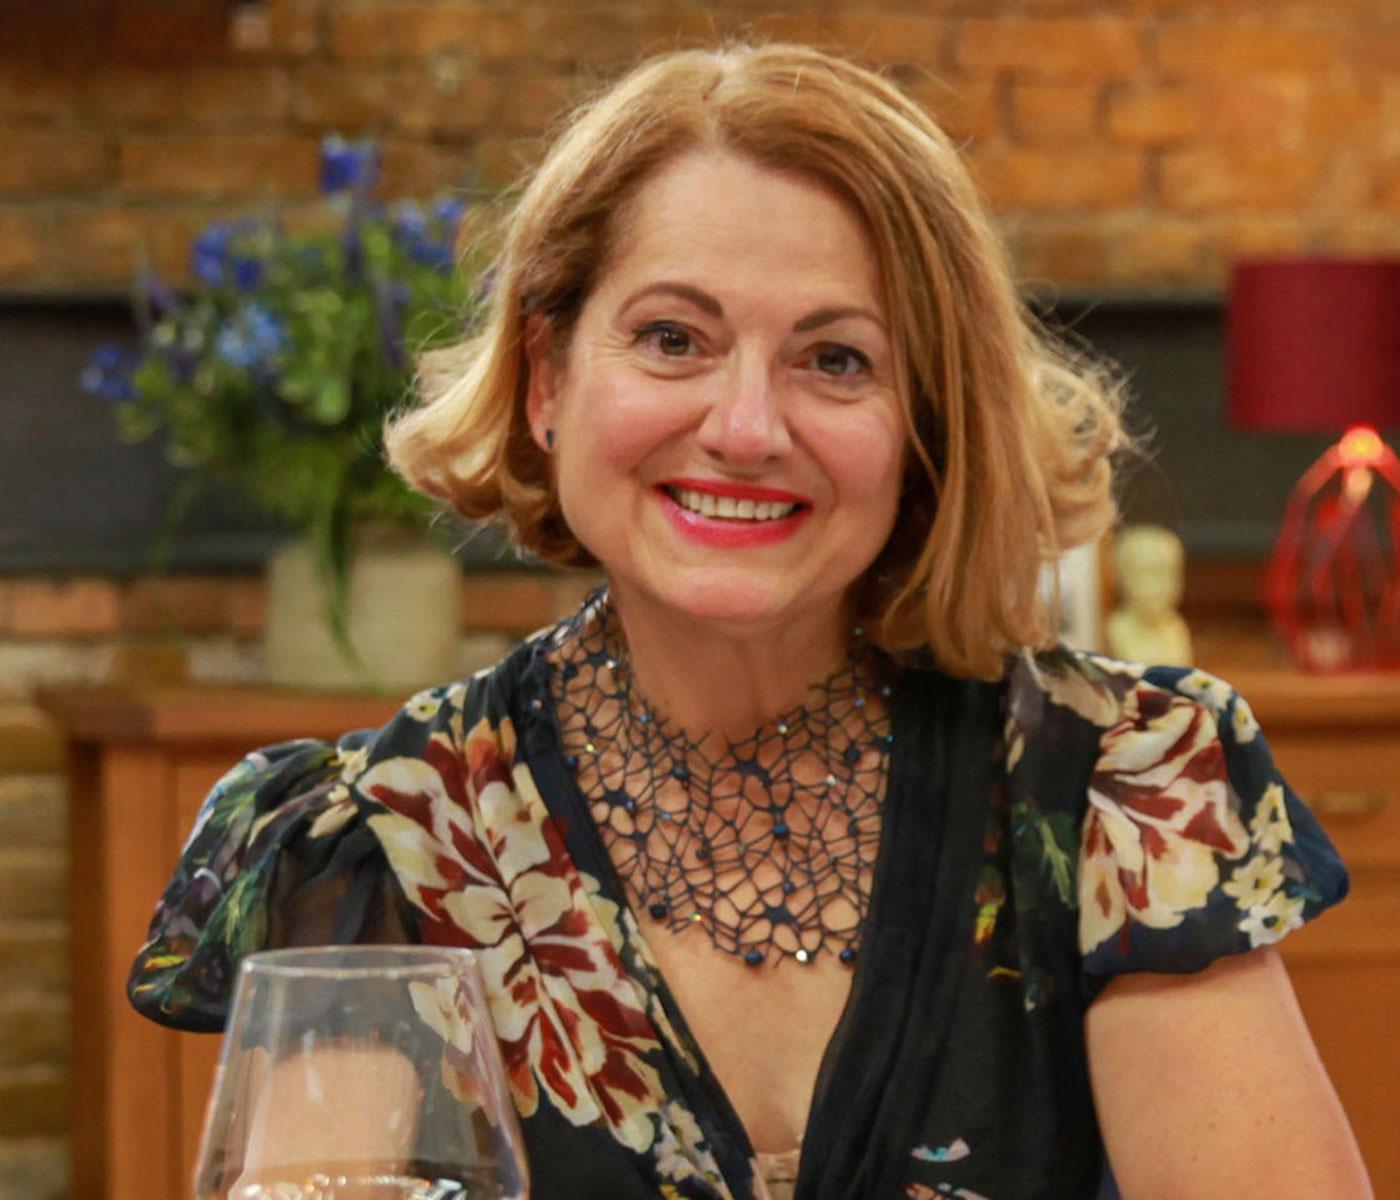 2019 MasterChef winner Irini Tzortzoglou (Image: BBC/Shine TV)